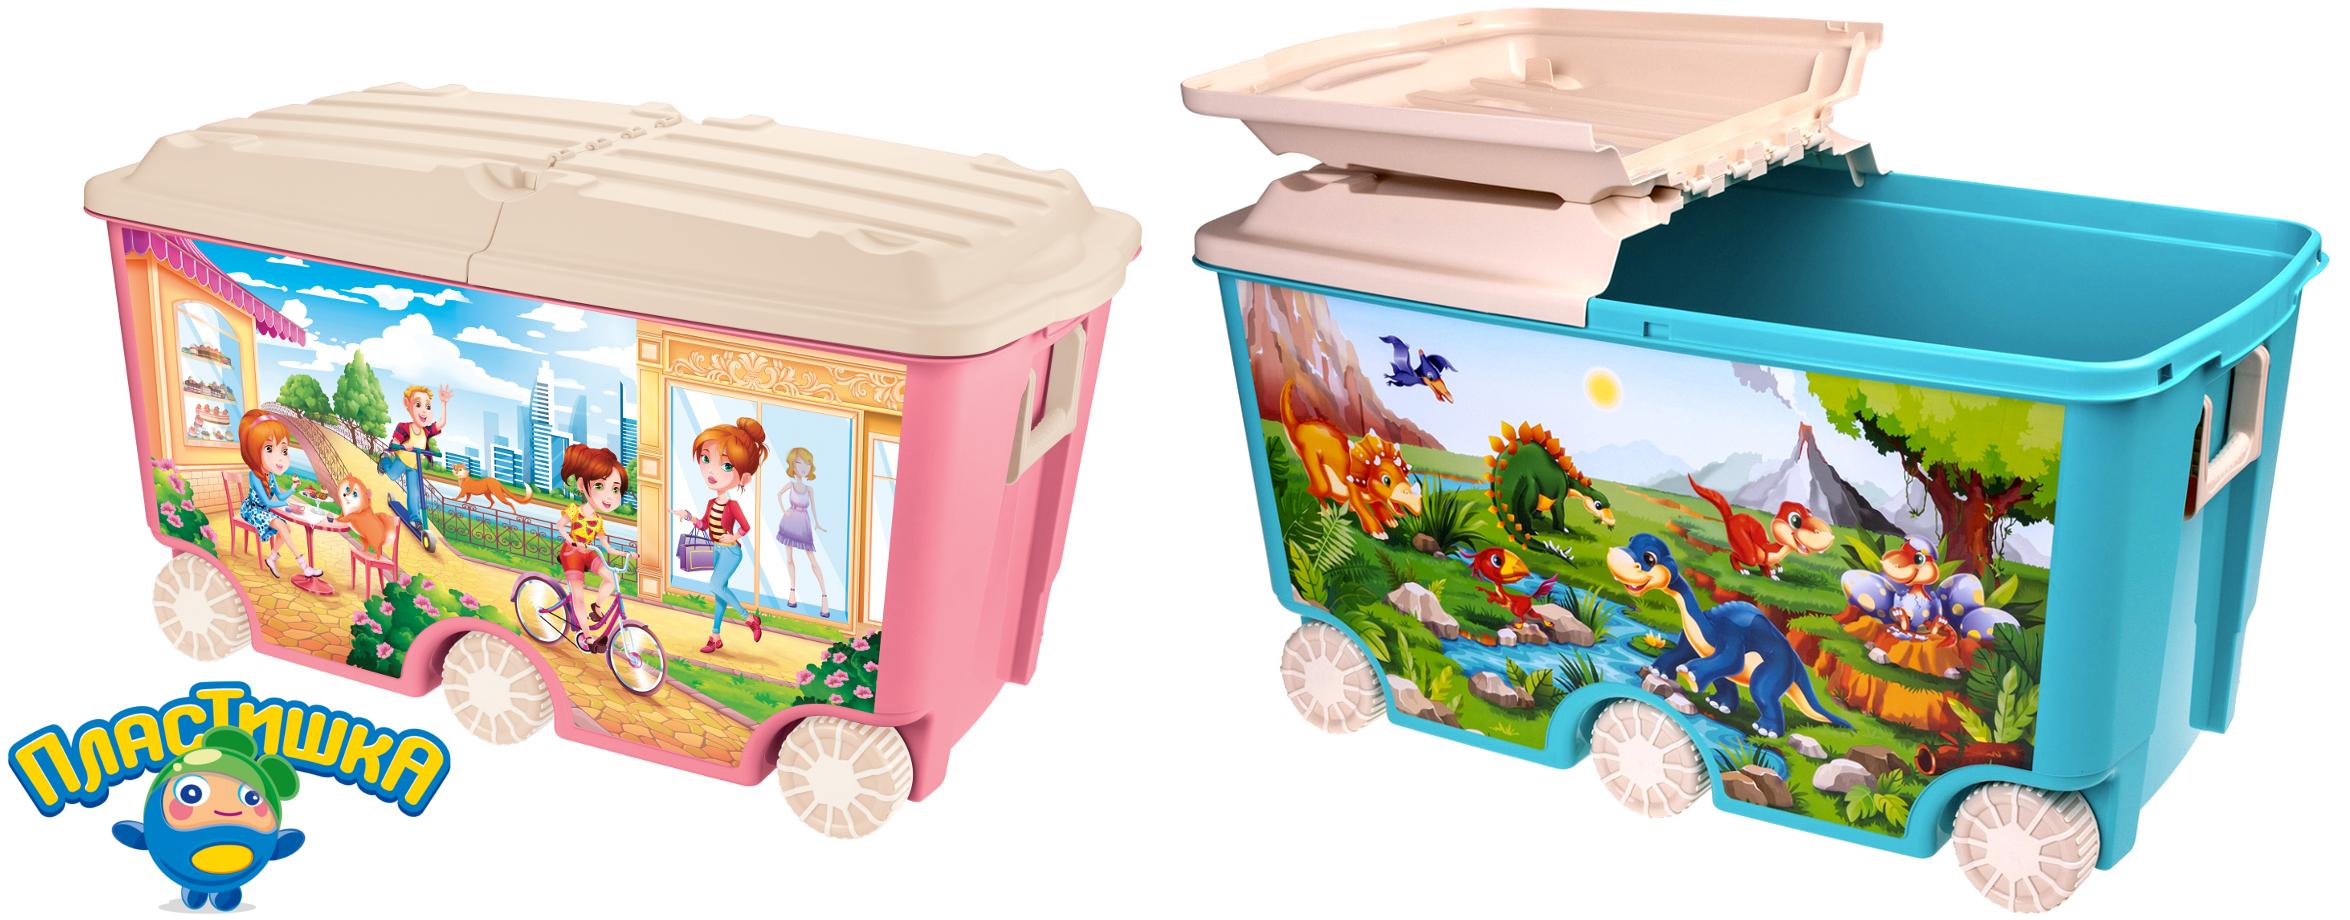 Новинка для детской комнаты: шестиколёсный ящик для игрушек «Пластишка»